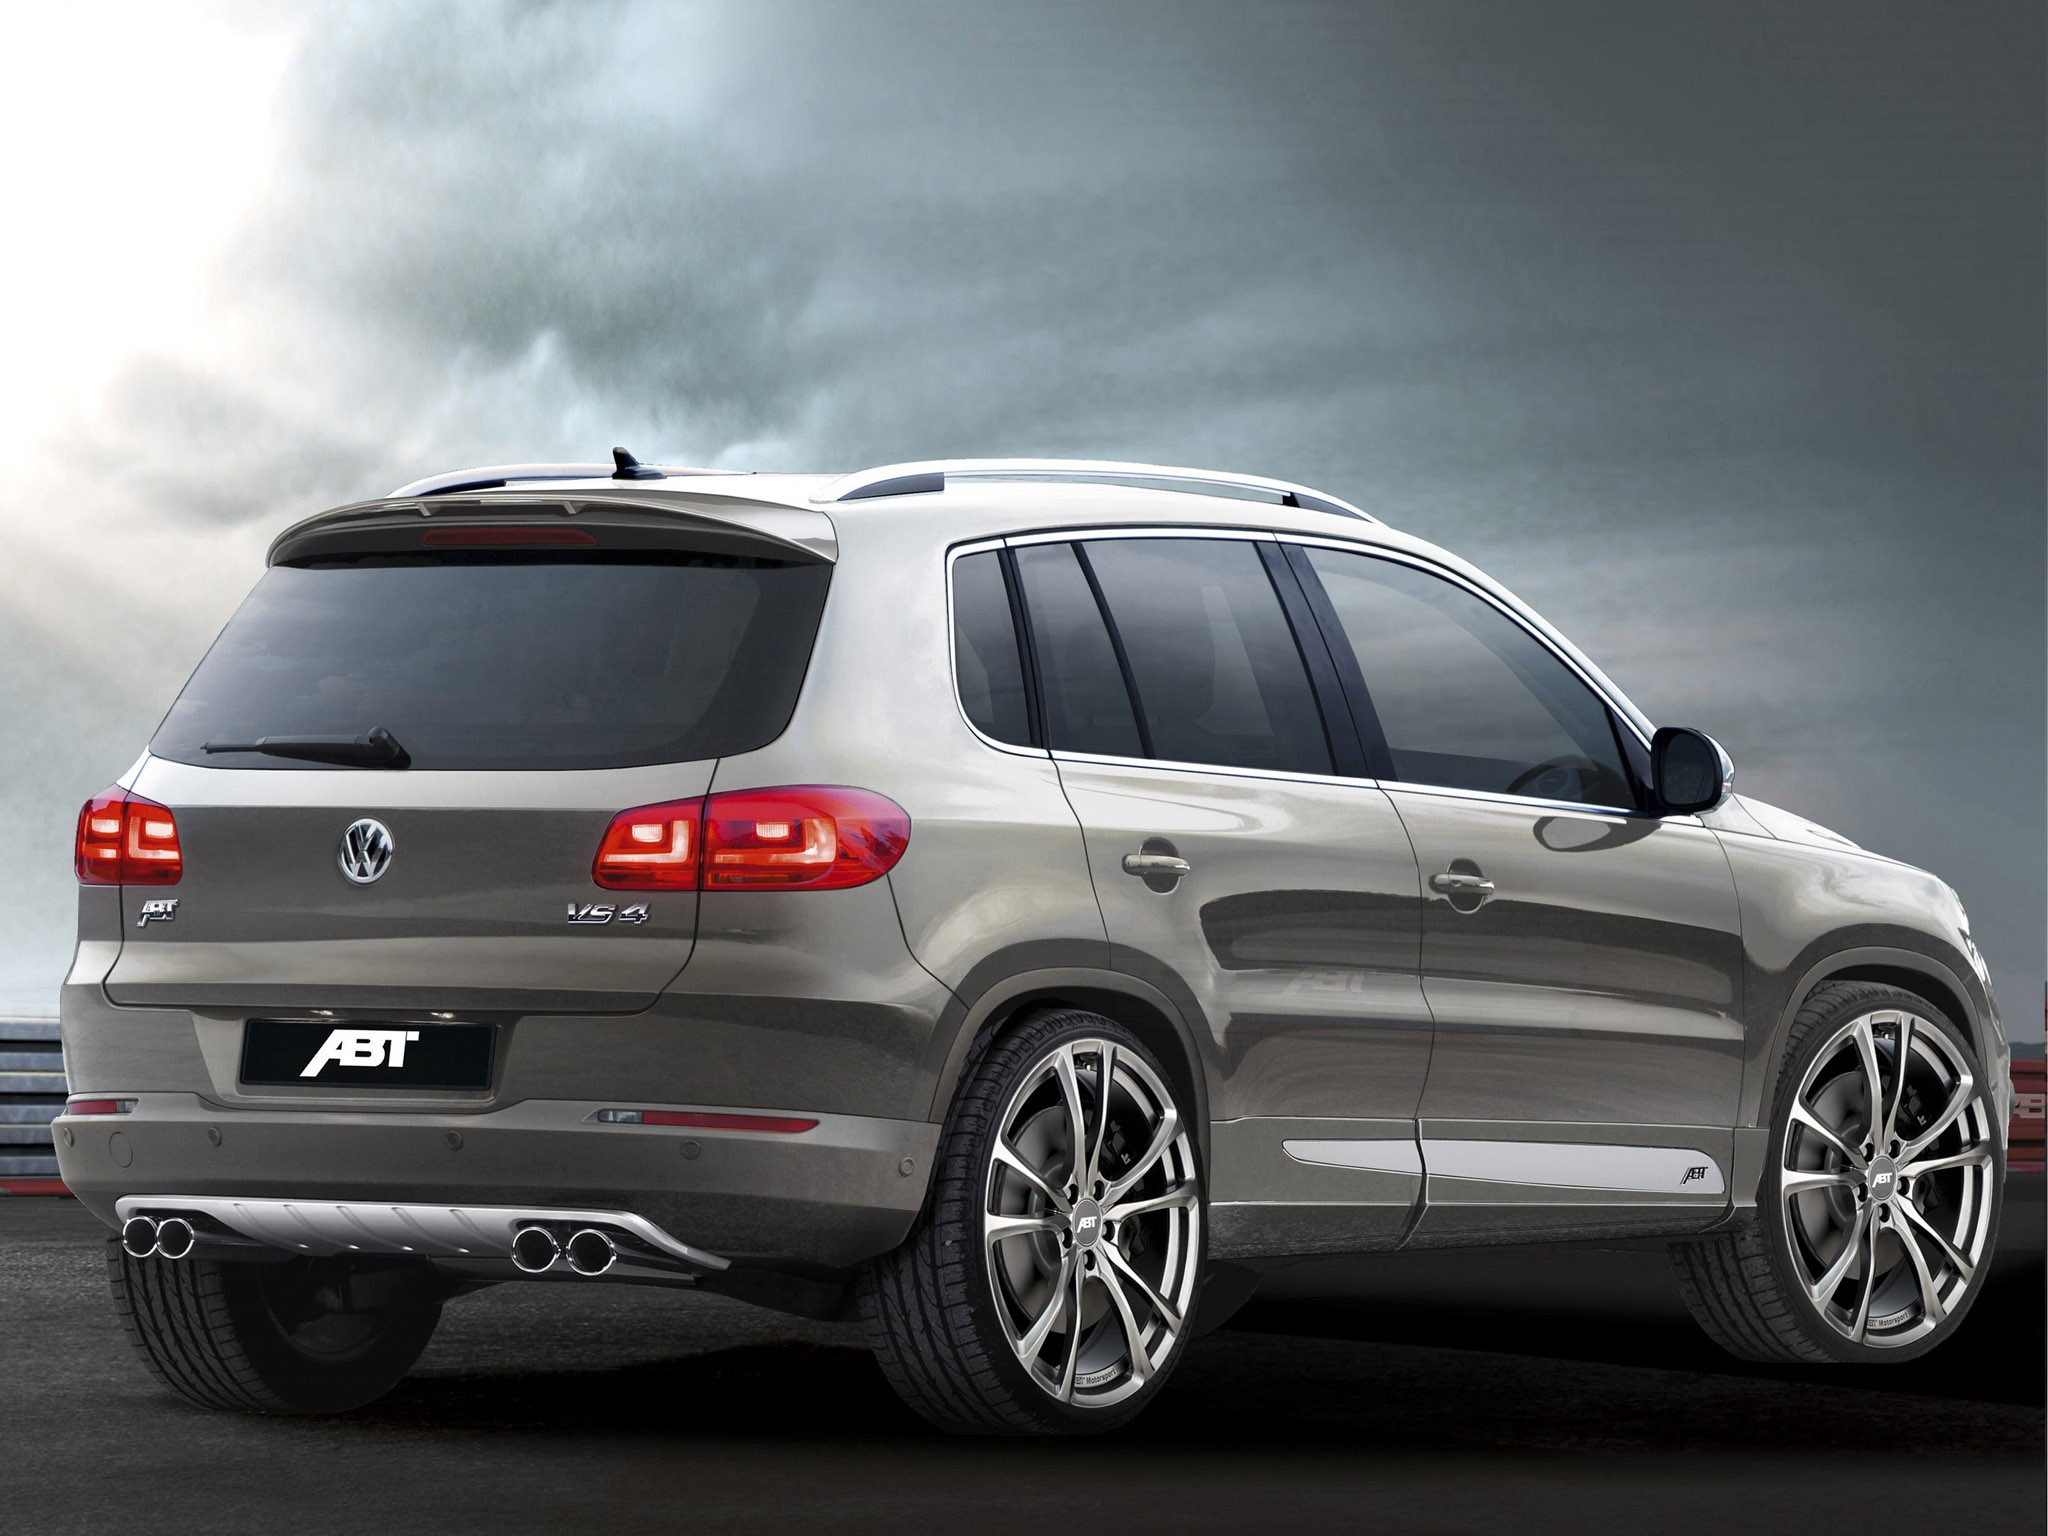 Volkswagen Tiguan (2013) - ABT